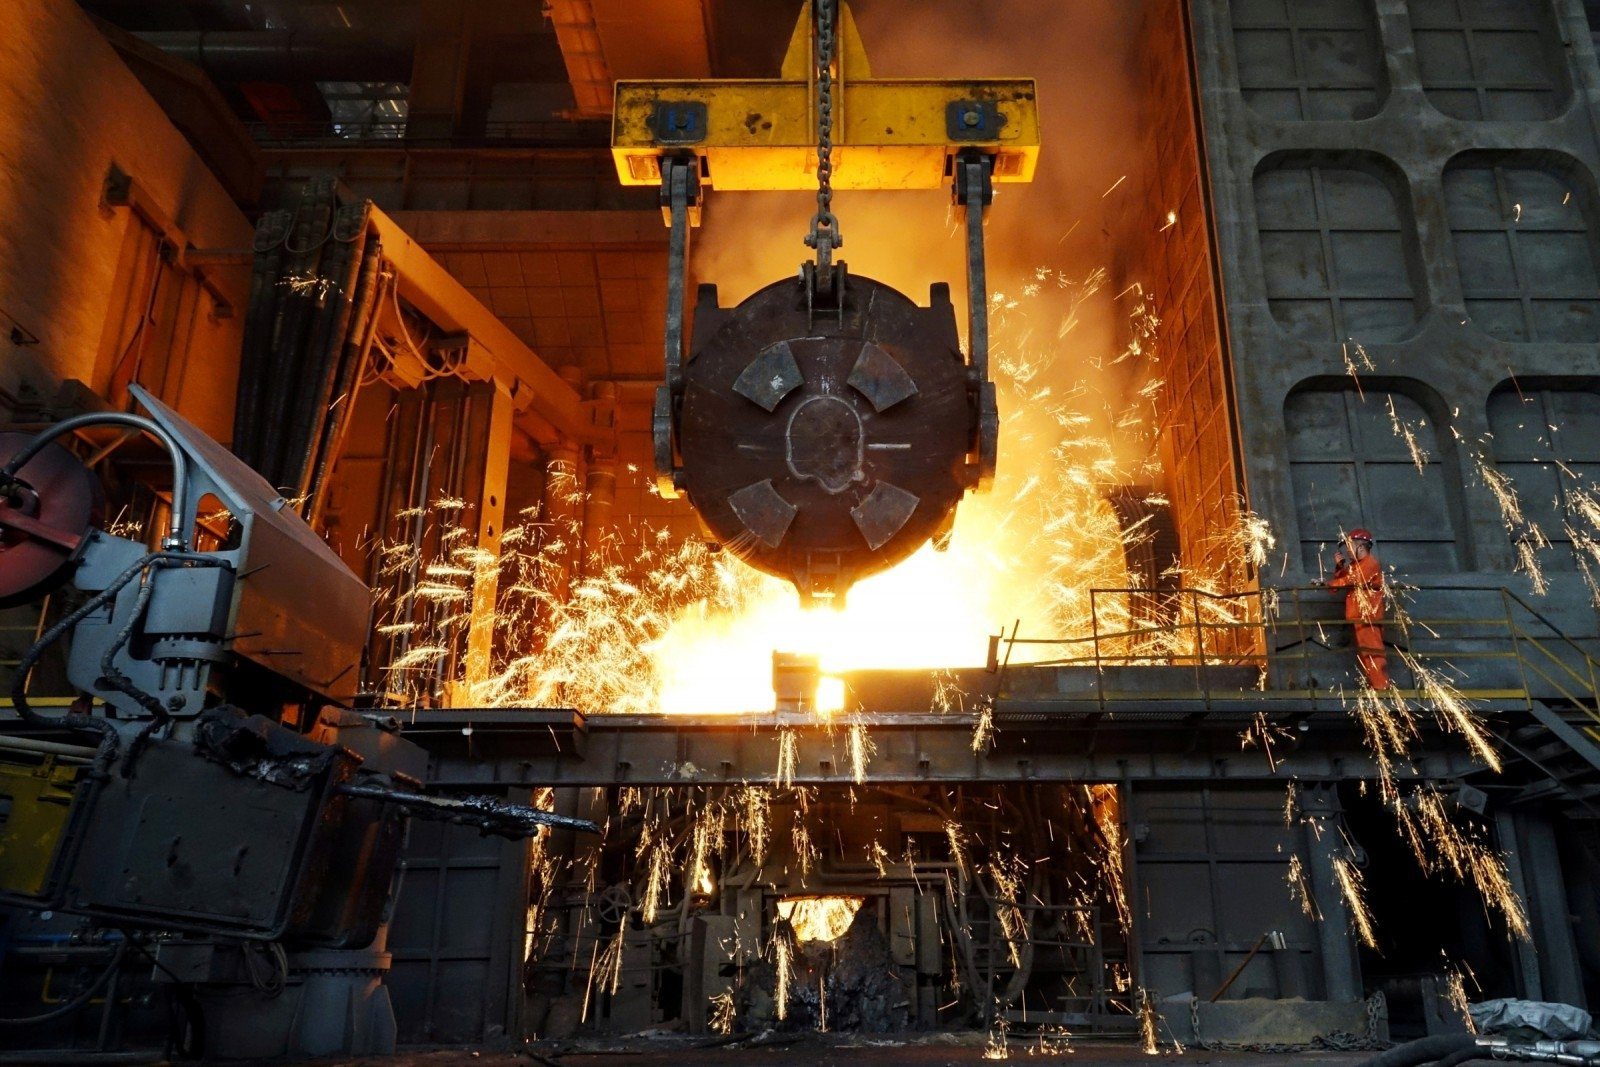 Kaip papildyti geležies trūkumą? - DELFI Prekybos geležimi signalai